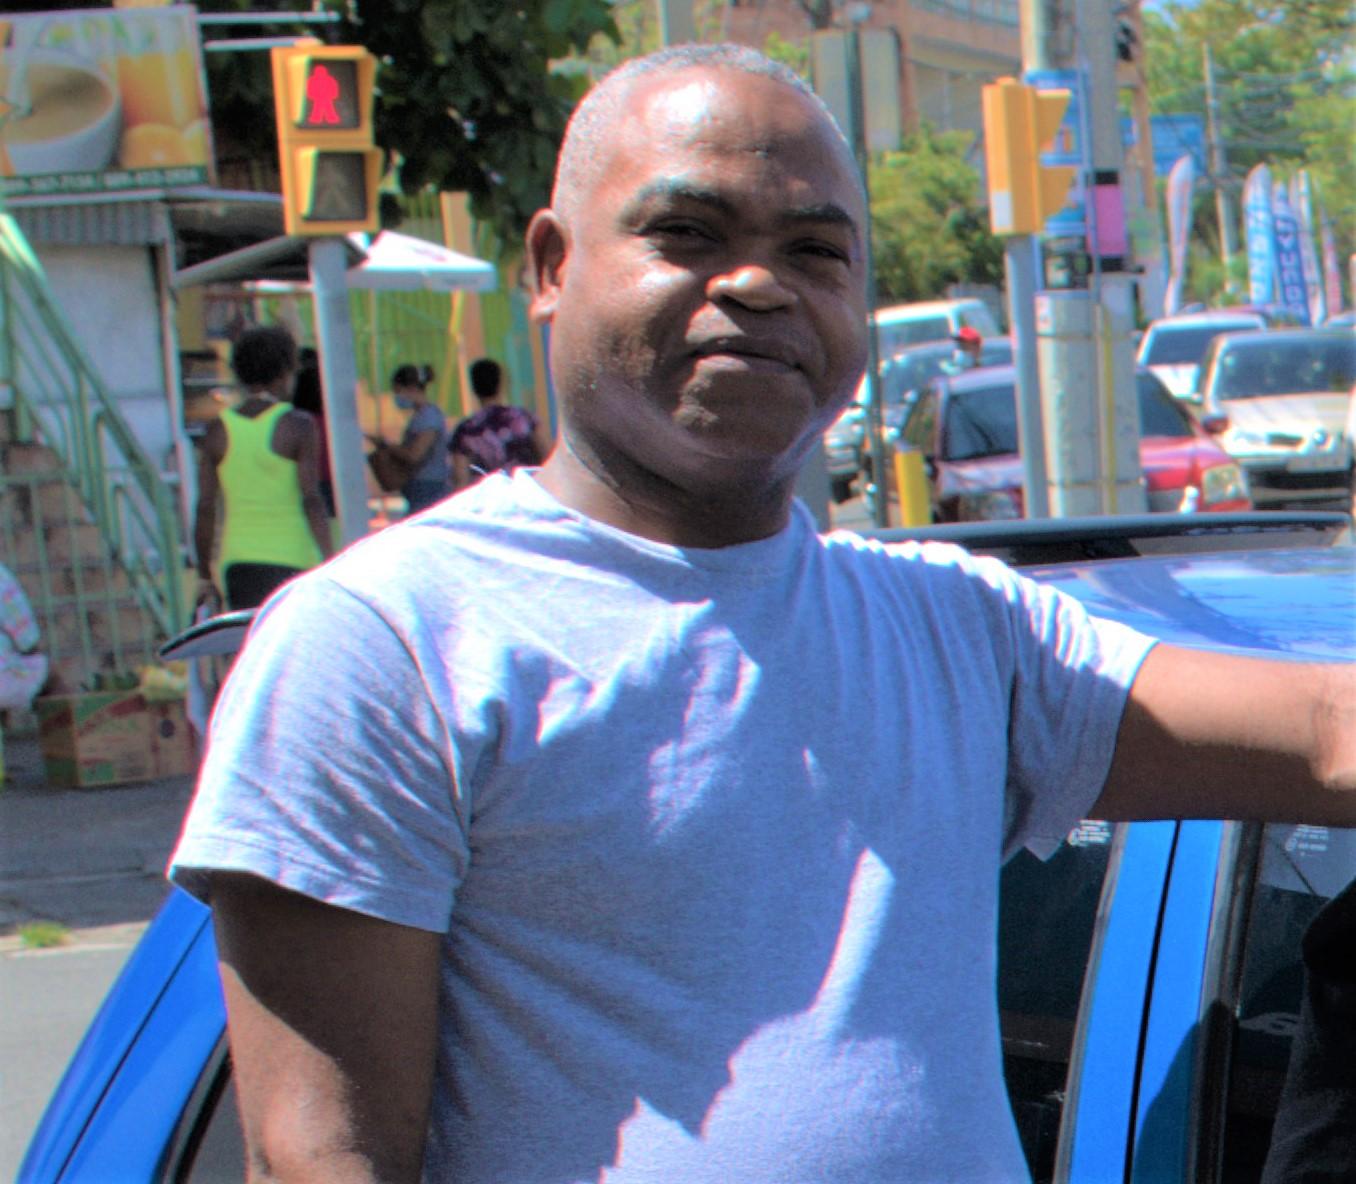 Mi nombre es Jose Manuel Rodriguez soy pintor de autos en general y tengo un Fiat Uno 45. Soy cliente desde el año 2008 y me siento satisfecho por la calidad de piezas y servicios adquiridos en REFIAT, srl.